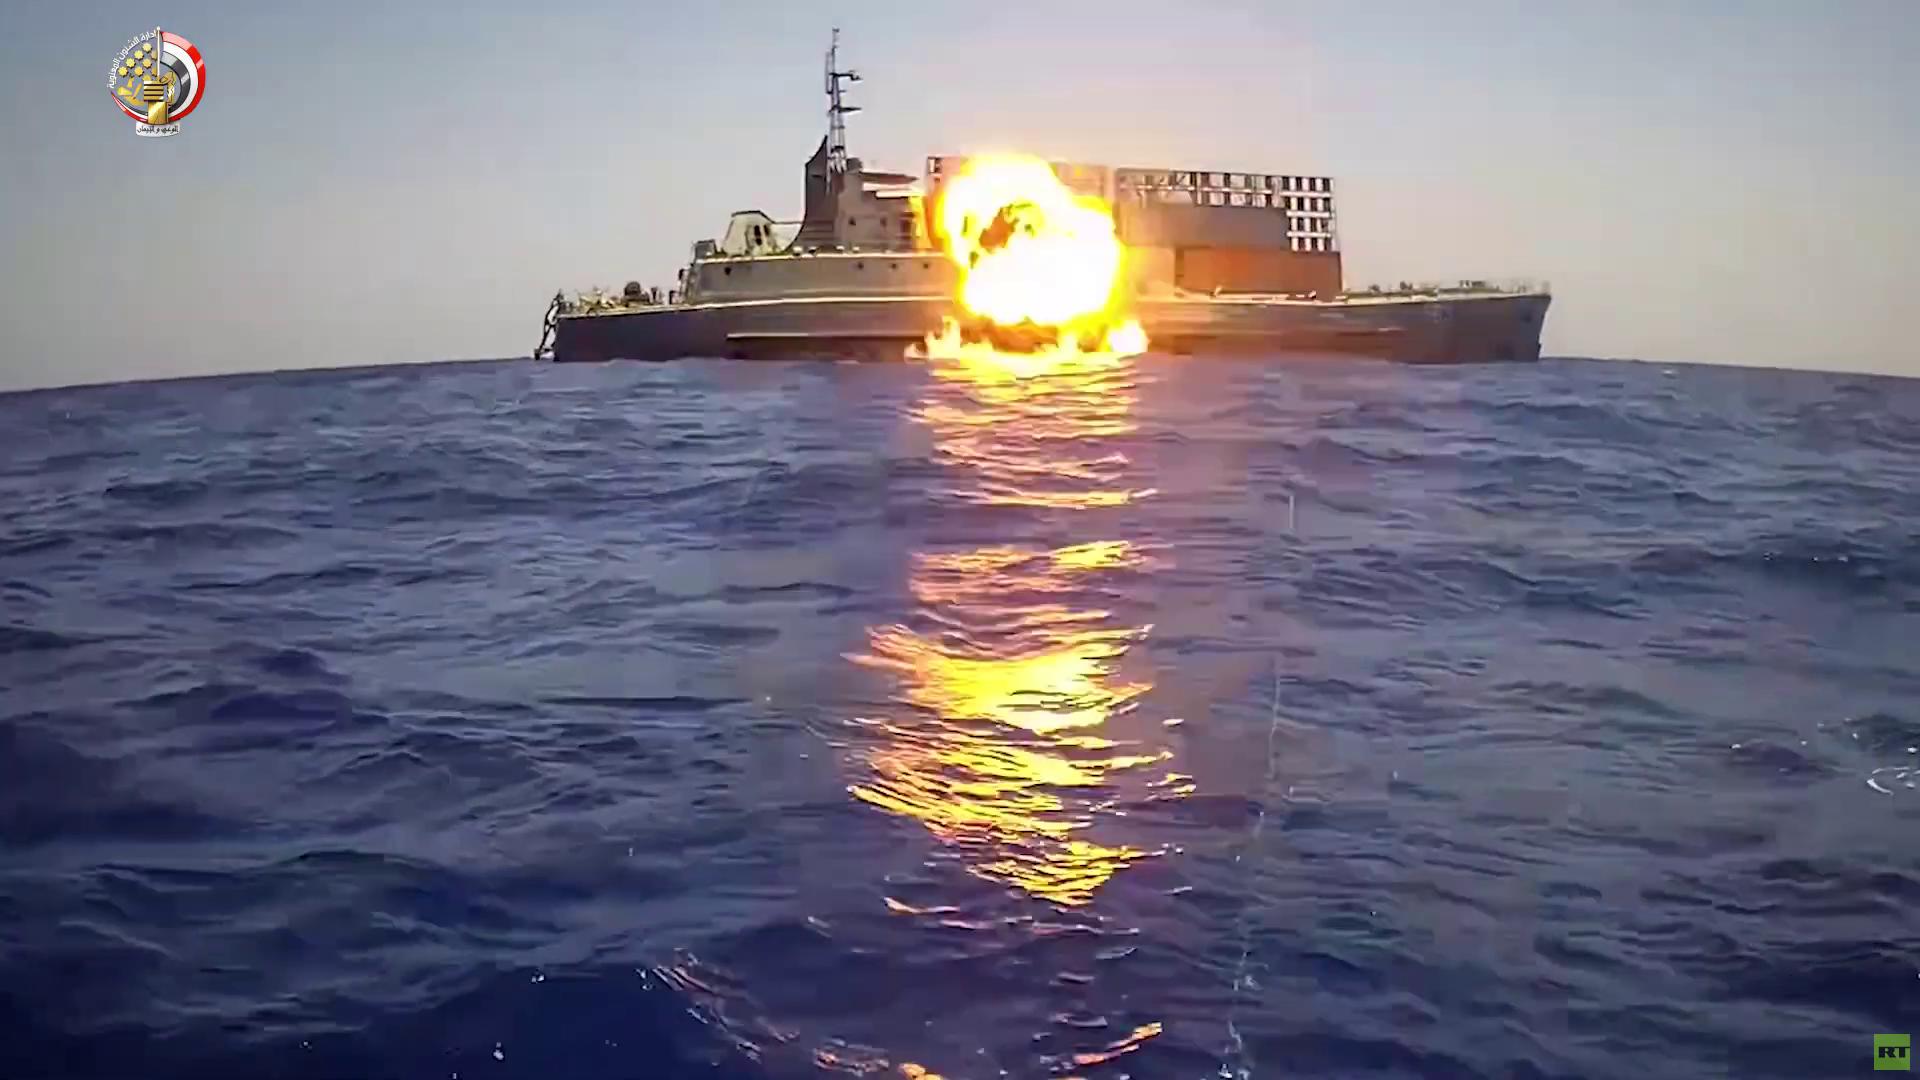 فيديو يكشف لحظة ضرب وإغراق الجيش المصري لسفينة بصاروخ